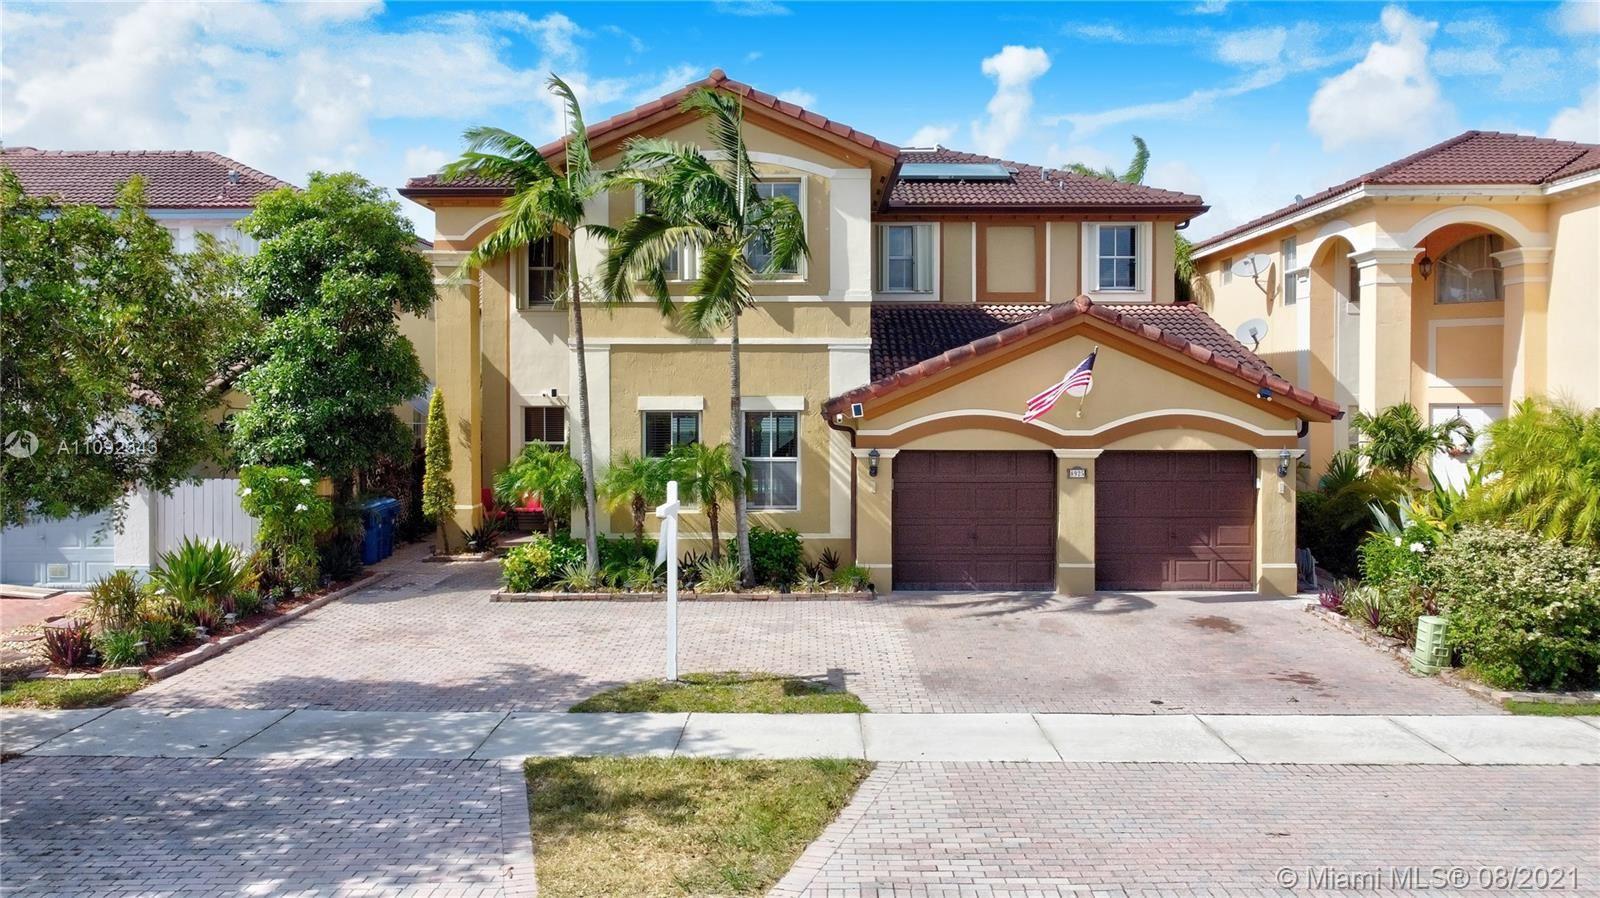 8925 NW 178th St, Hialeah Gardens, FL 33018 - #: A11092343